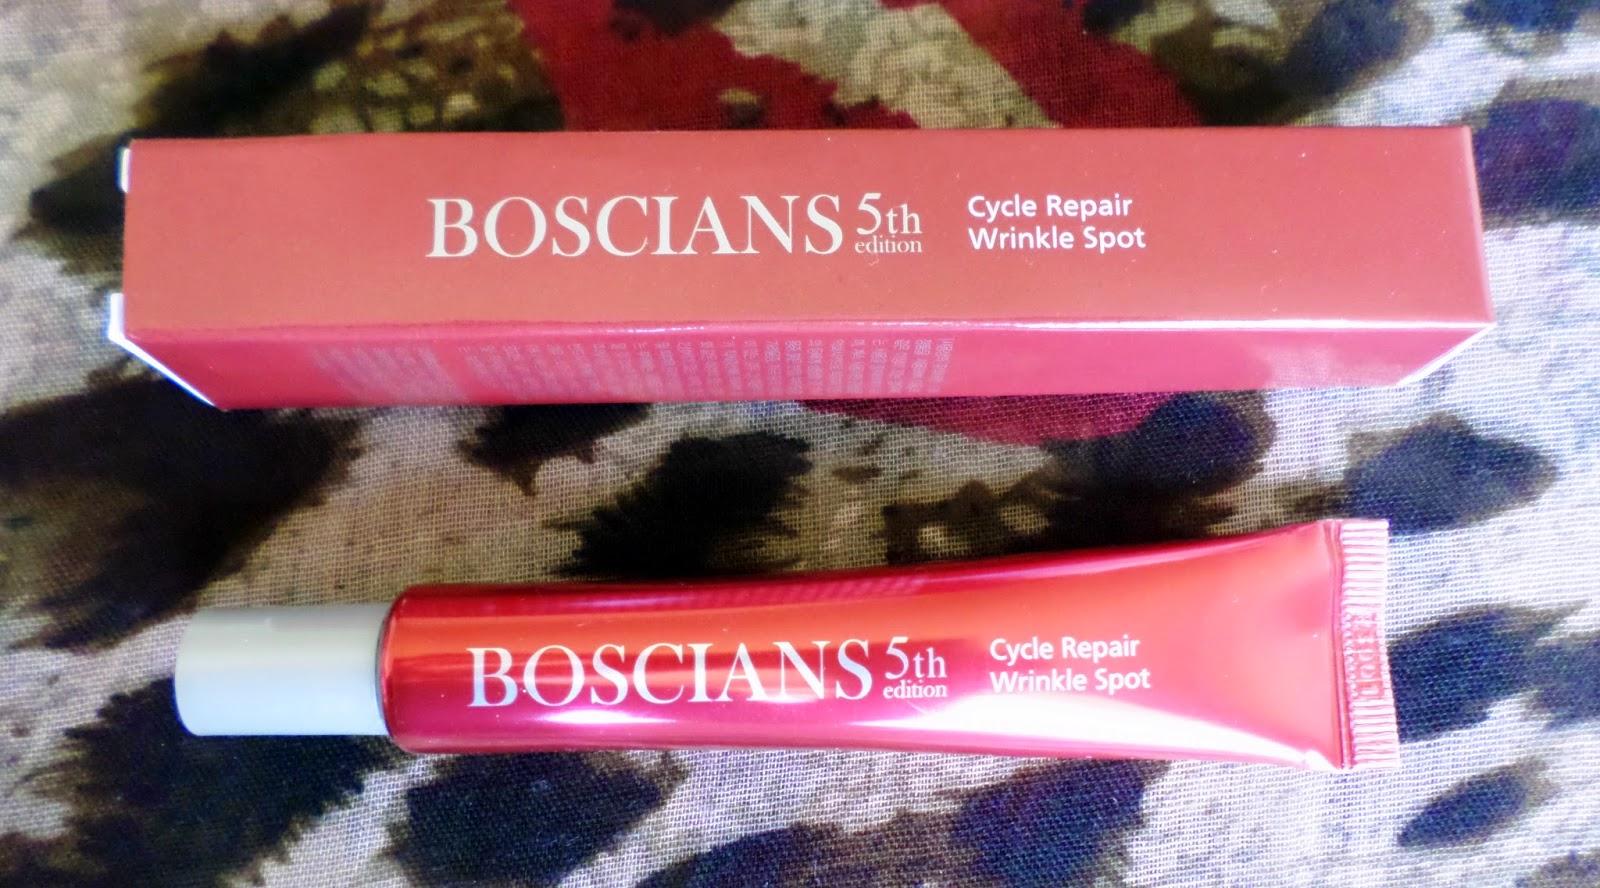 Boscians Cycle Repair Wrinkle Spot 15ml